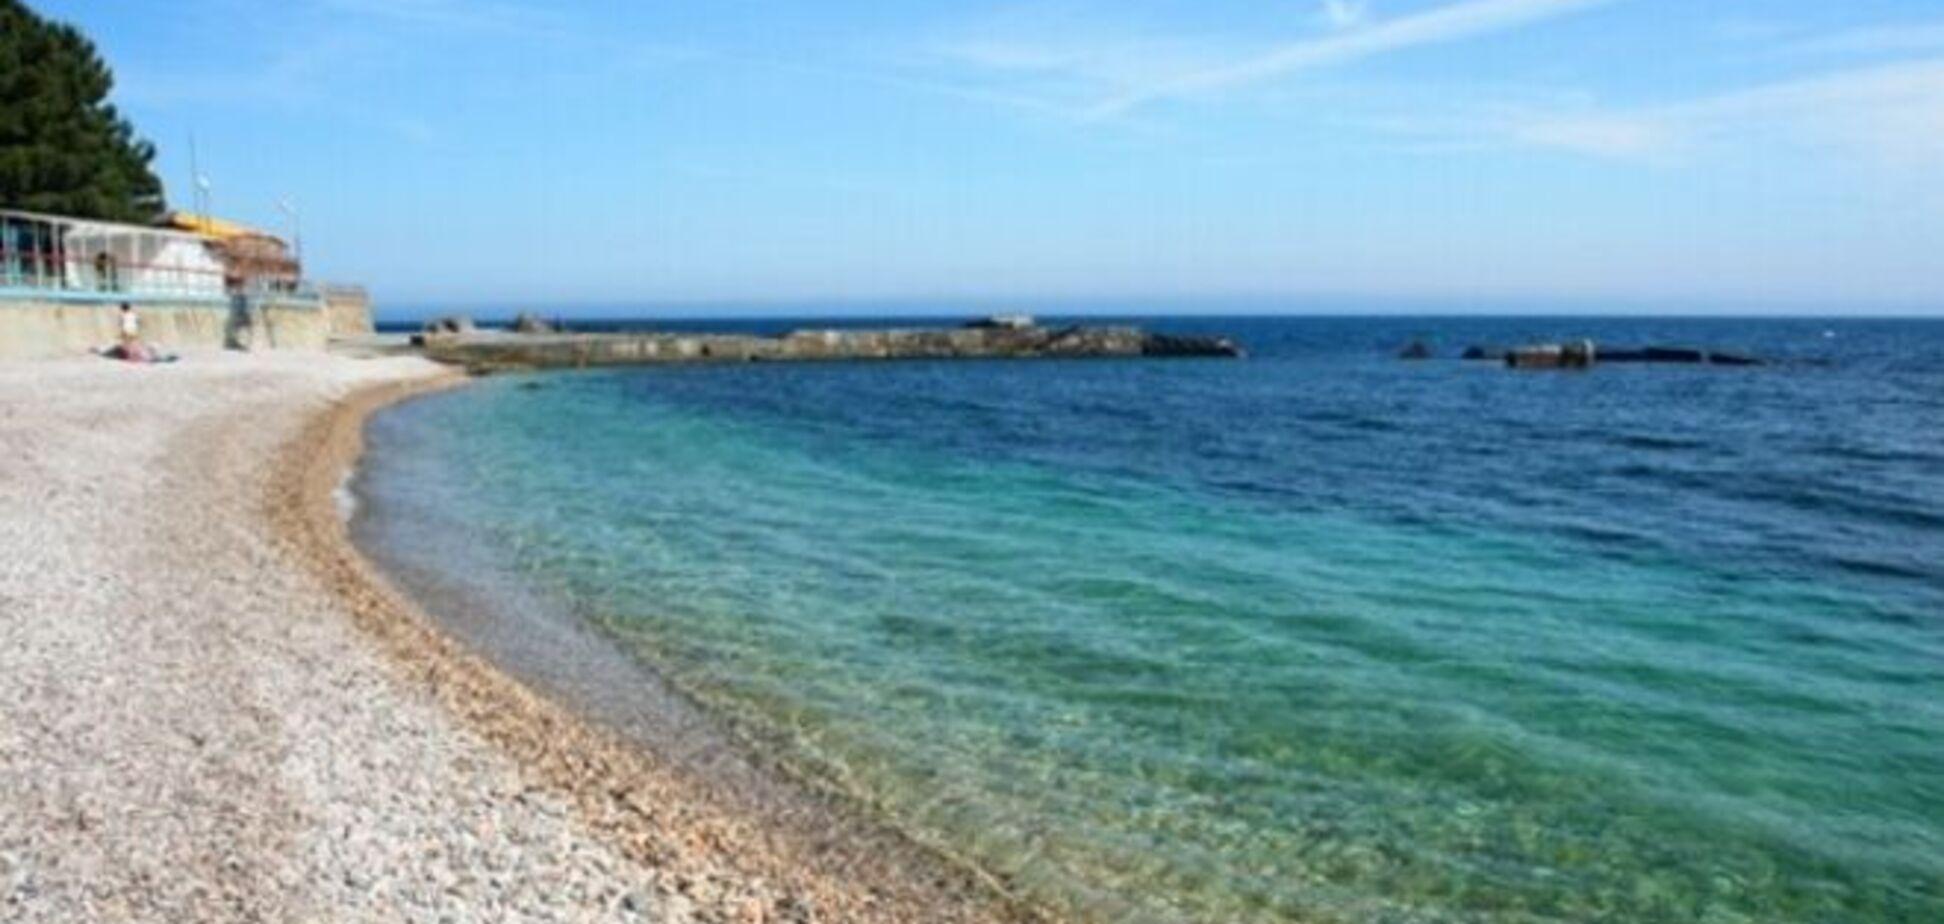 Жителі Криму скаржаться на недоступність пляжів